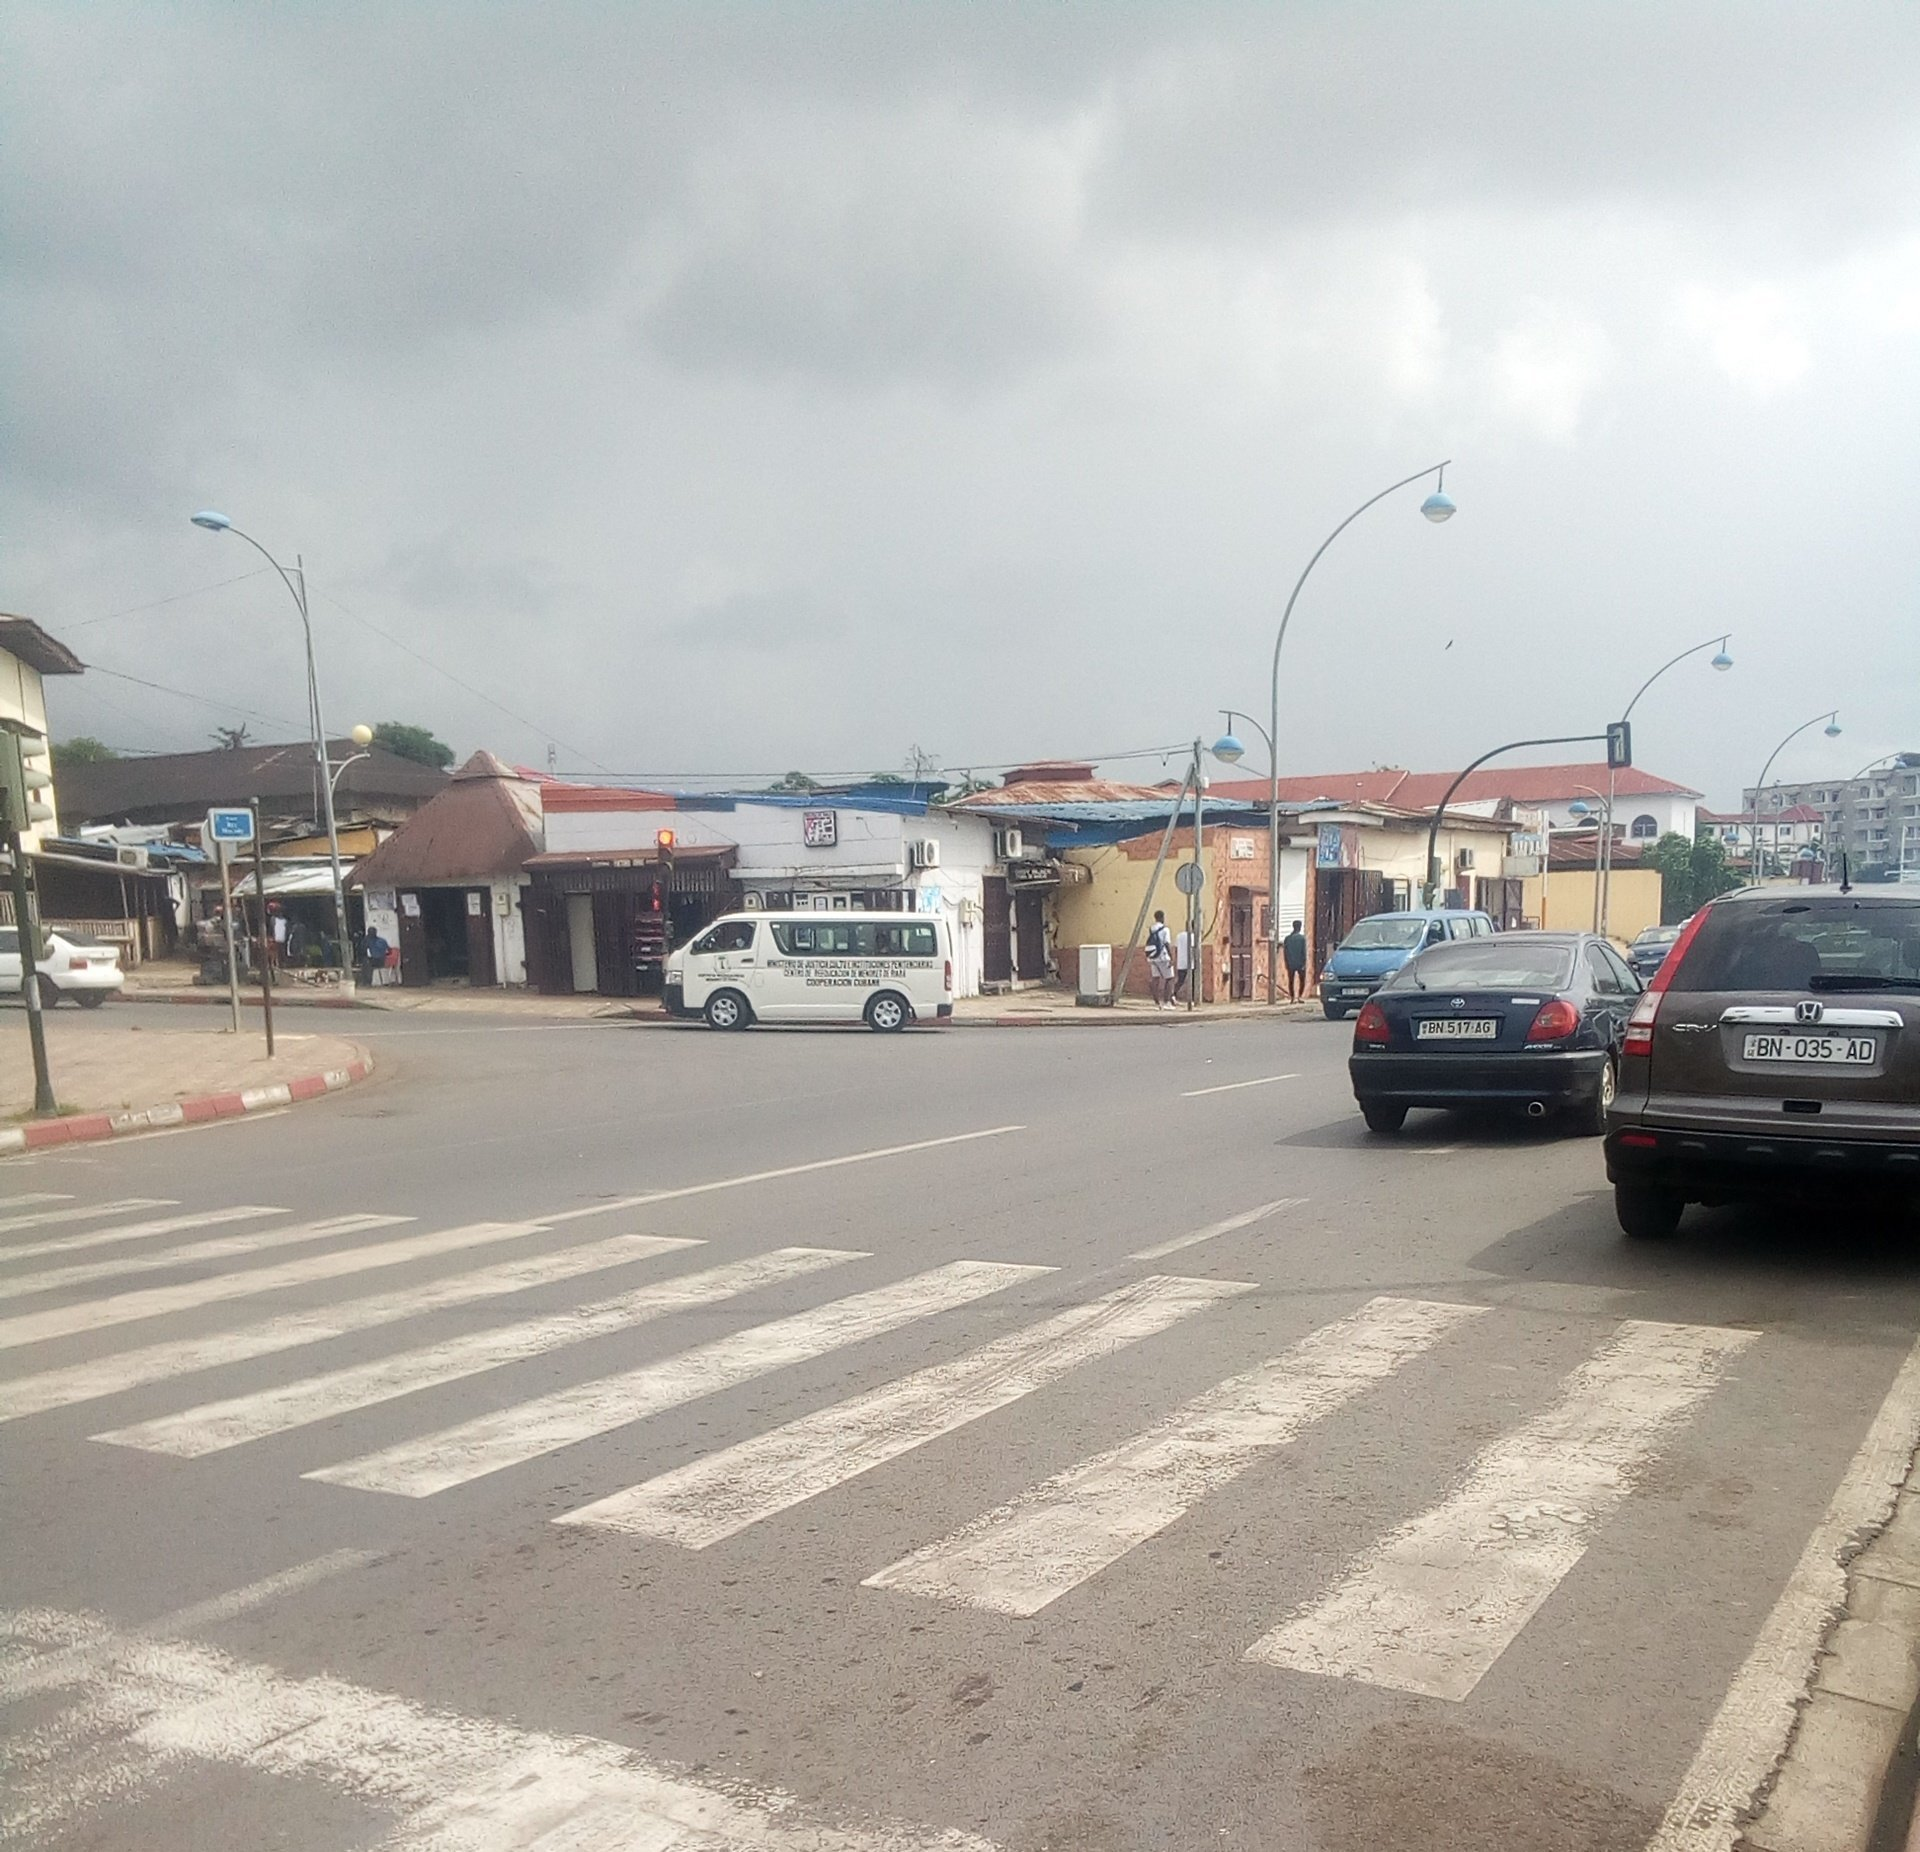 Le quartier Los Angeles à Malabo, sur l'île de Bioko, une ville portuaire et capitale de la Guinée équatoriale